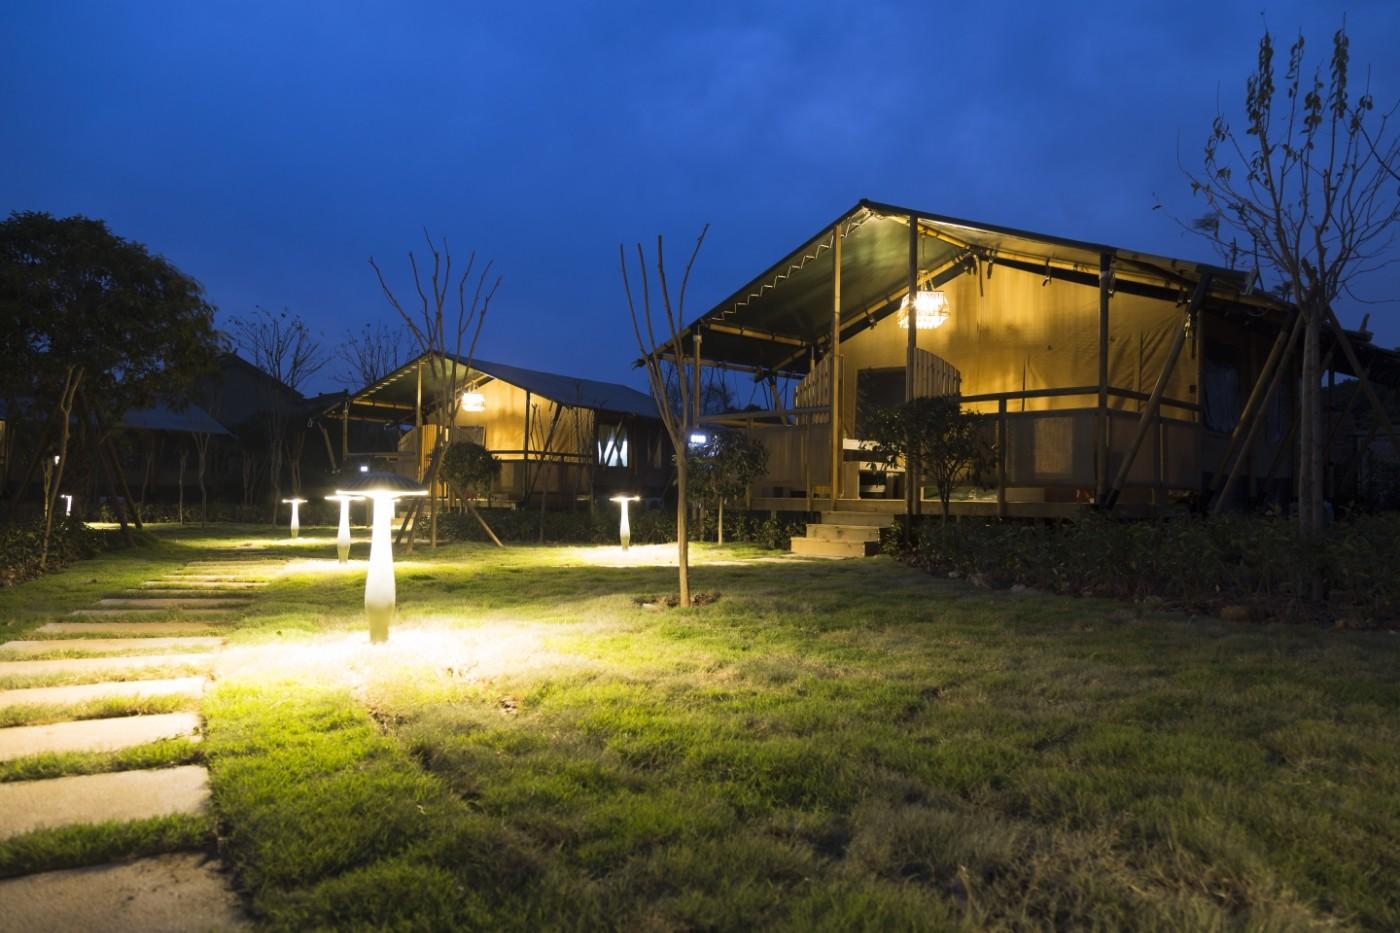 喜马拉雅野奢帐篷酒店—太湖湾露营谷12